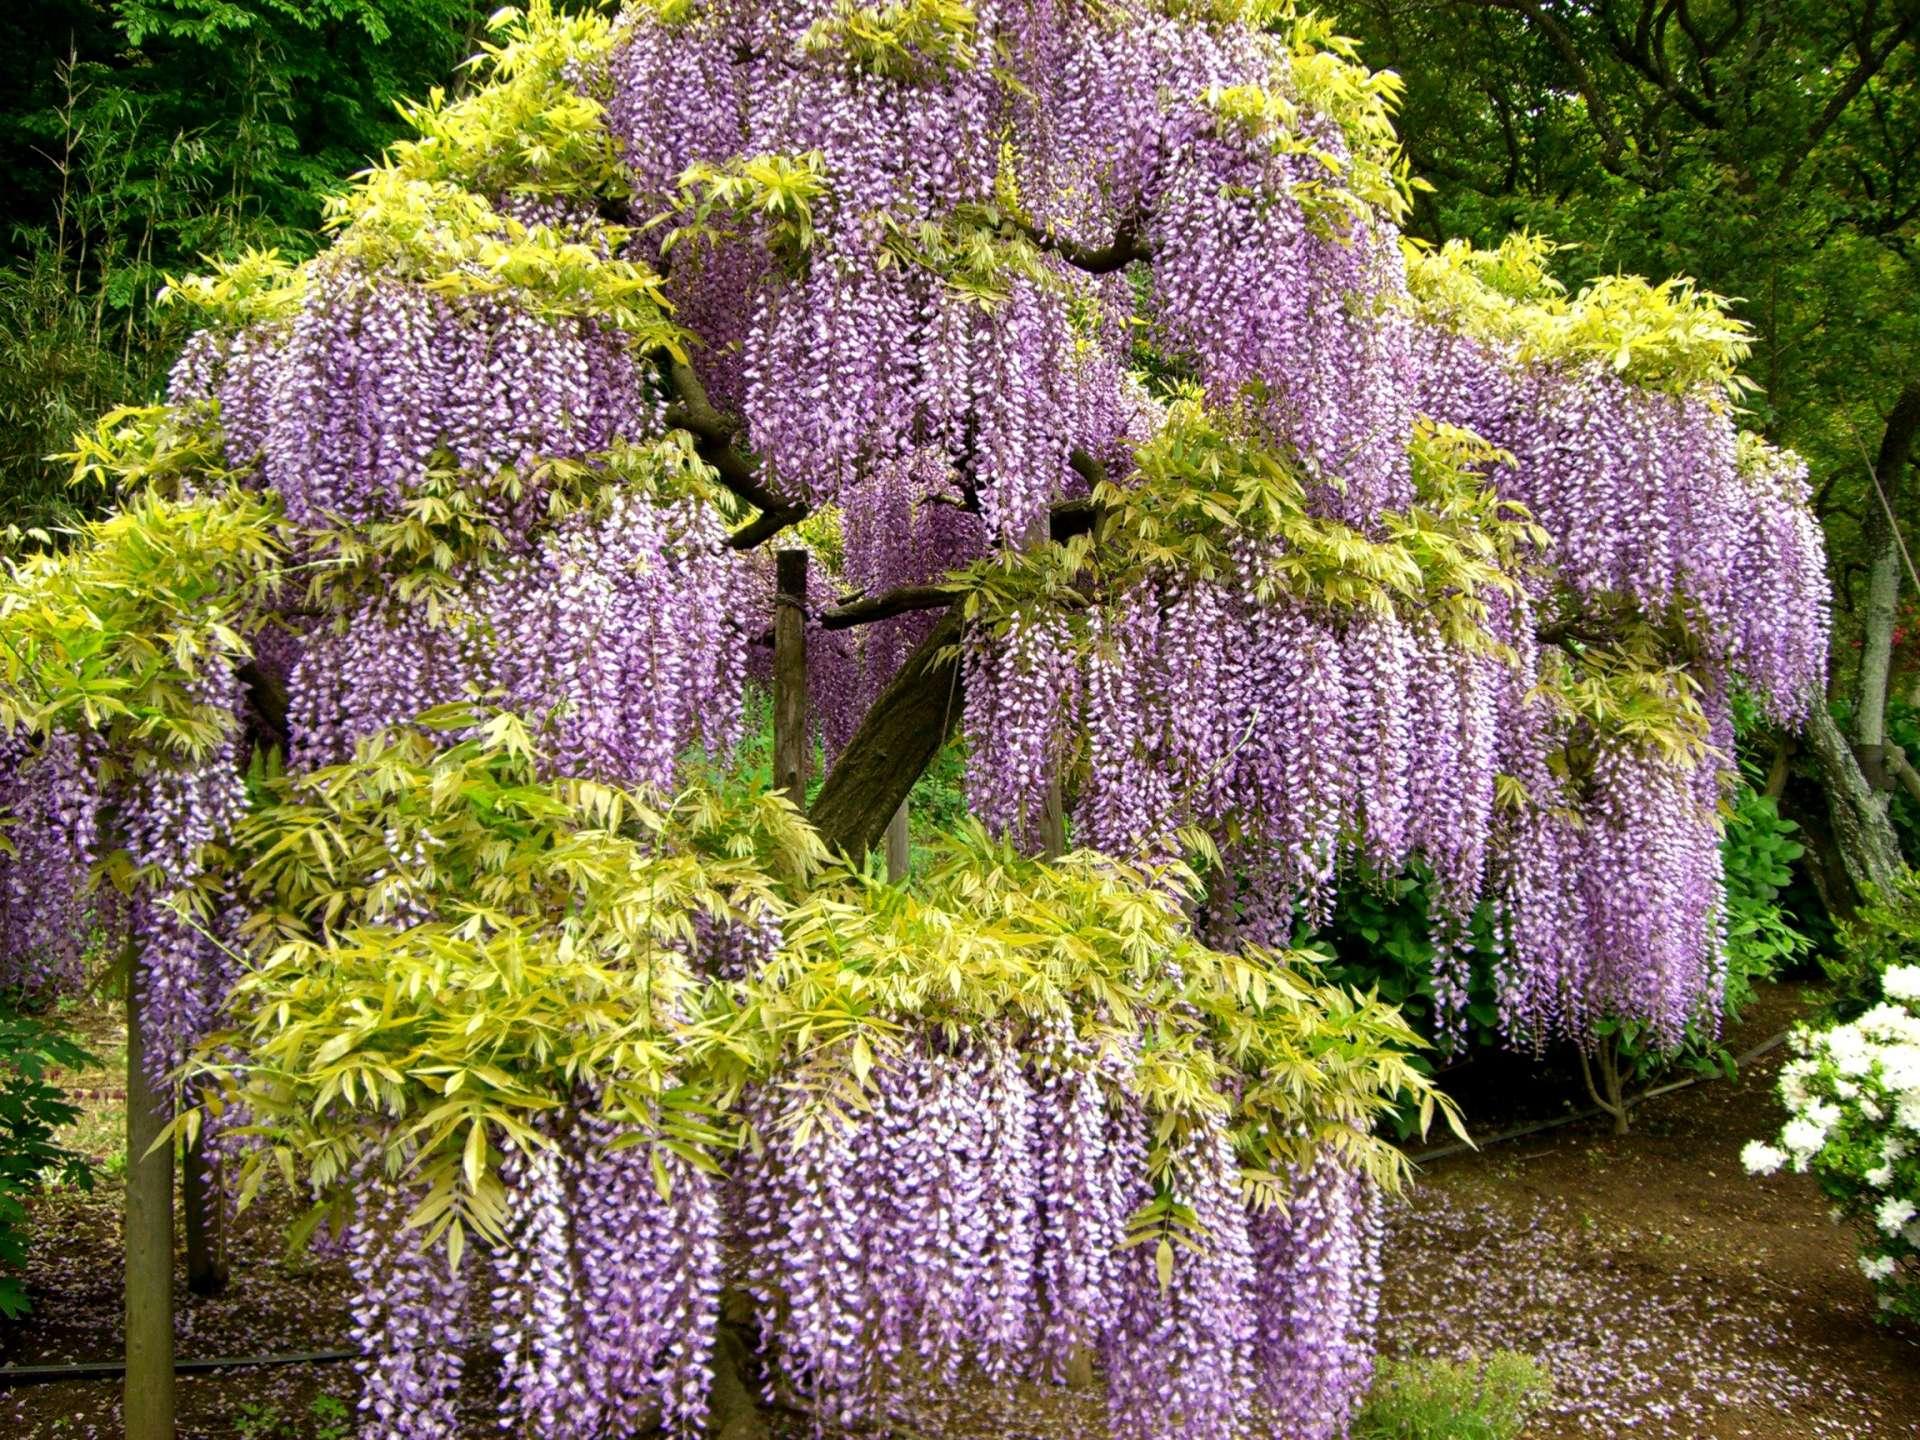 八重瓣紫藤